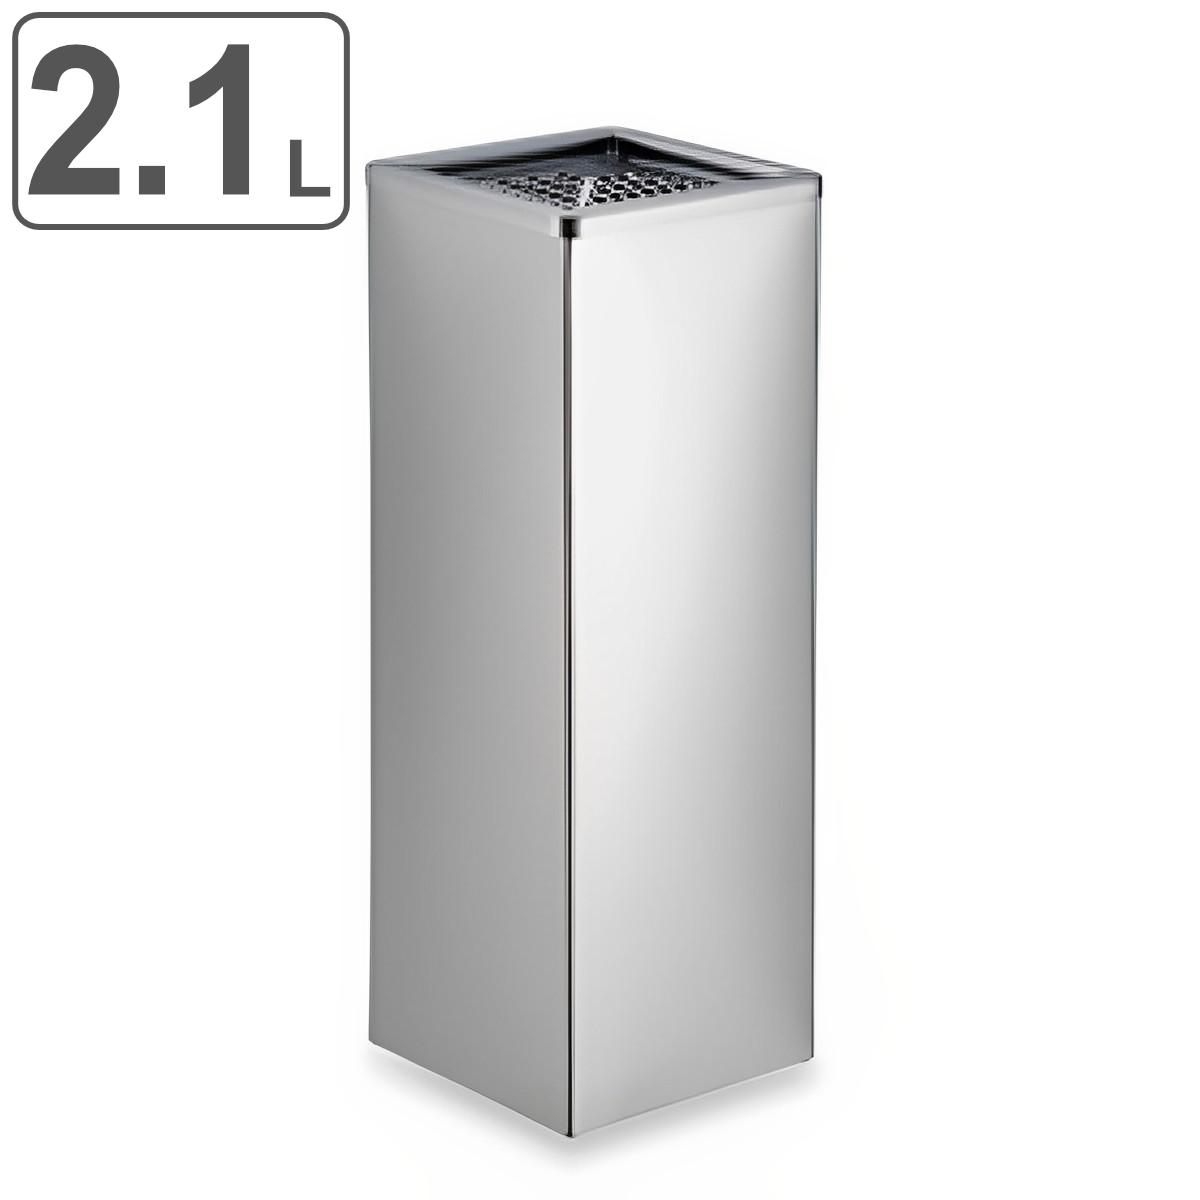 灰皿 スタンド角型 ステンレス製 2.1L ( 送料無料 スモーキングスタンド 吸いがら入れ ) 【5000円以上送料無料】